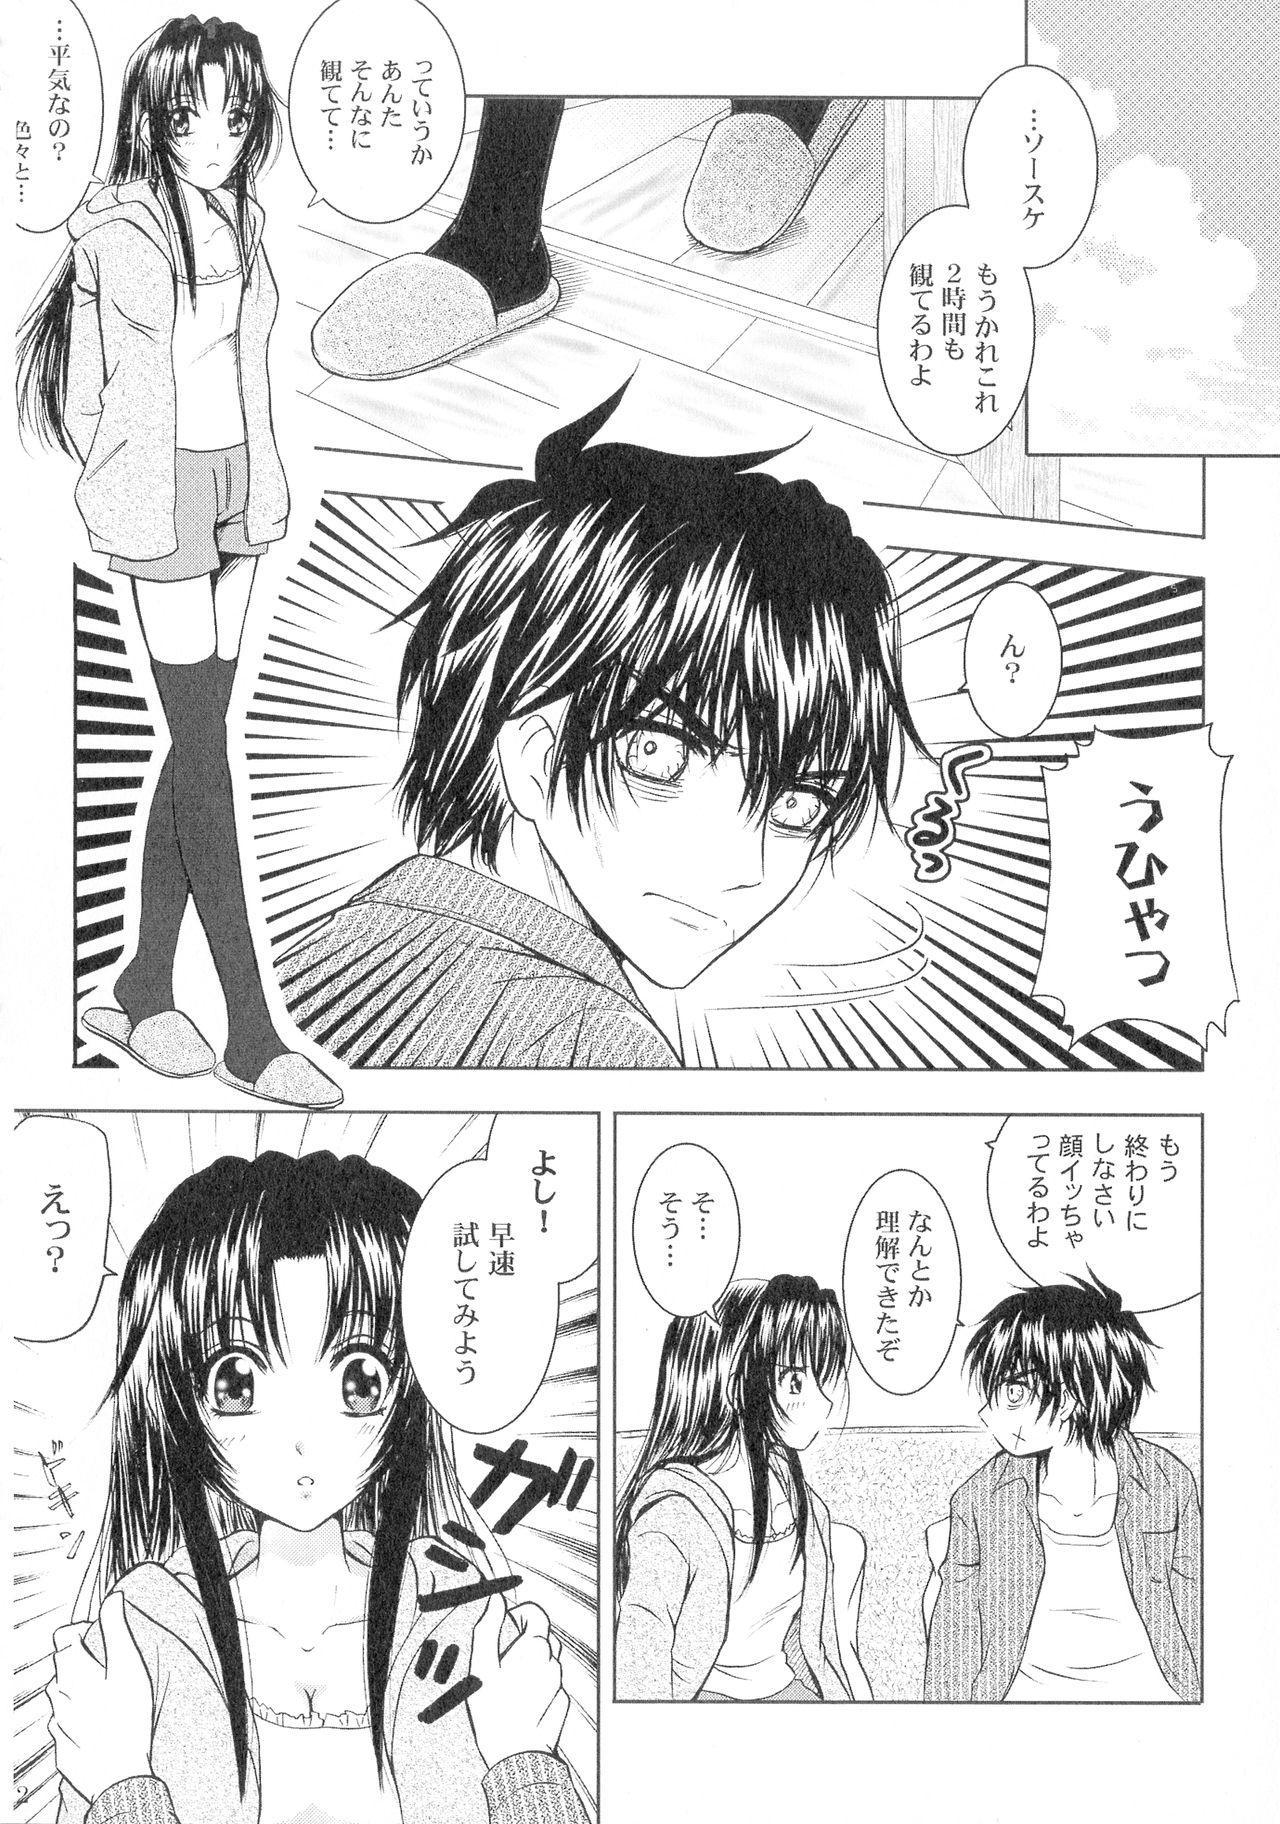 SEXY PANIC Sairoku-shuu VOL.3 11